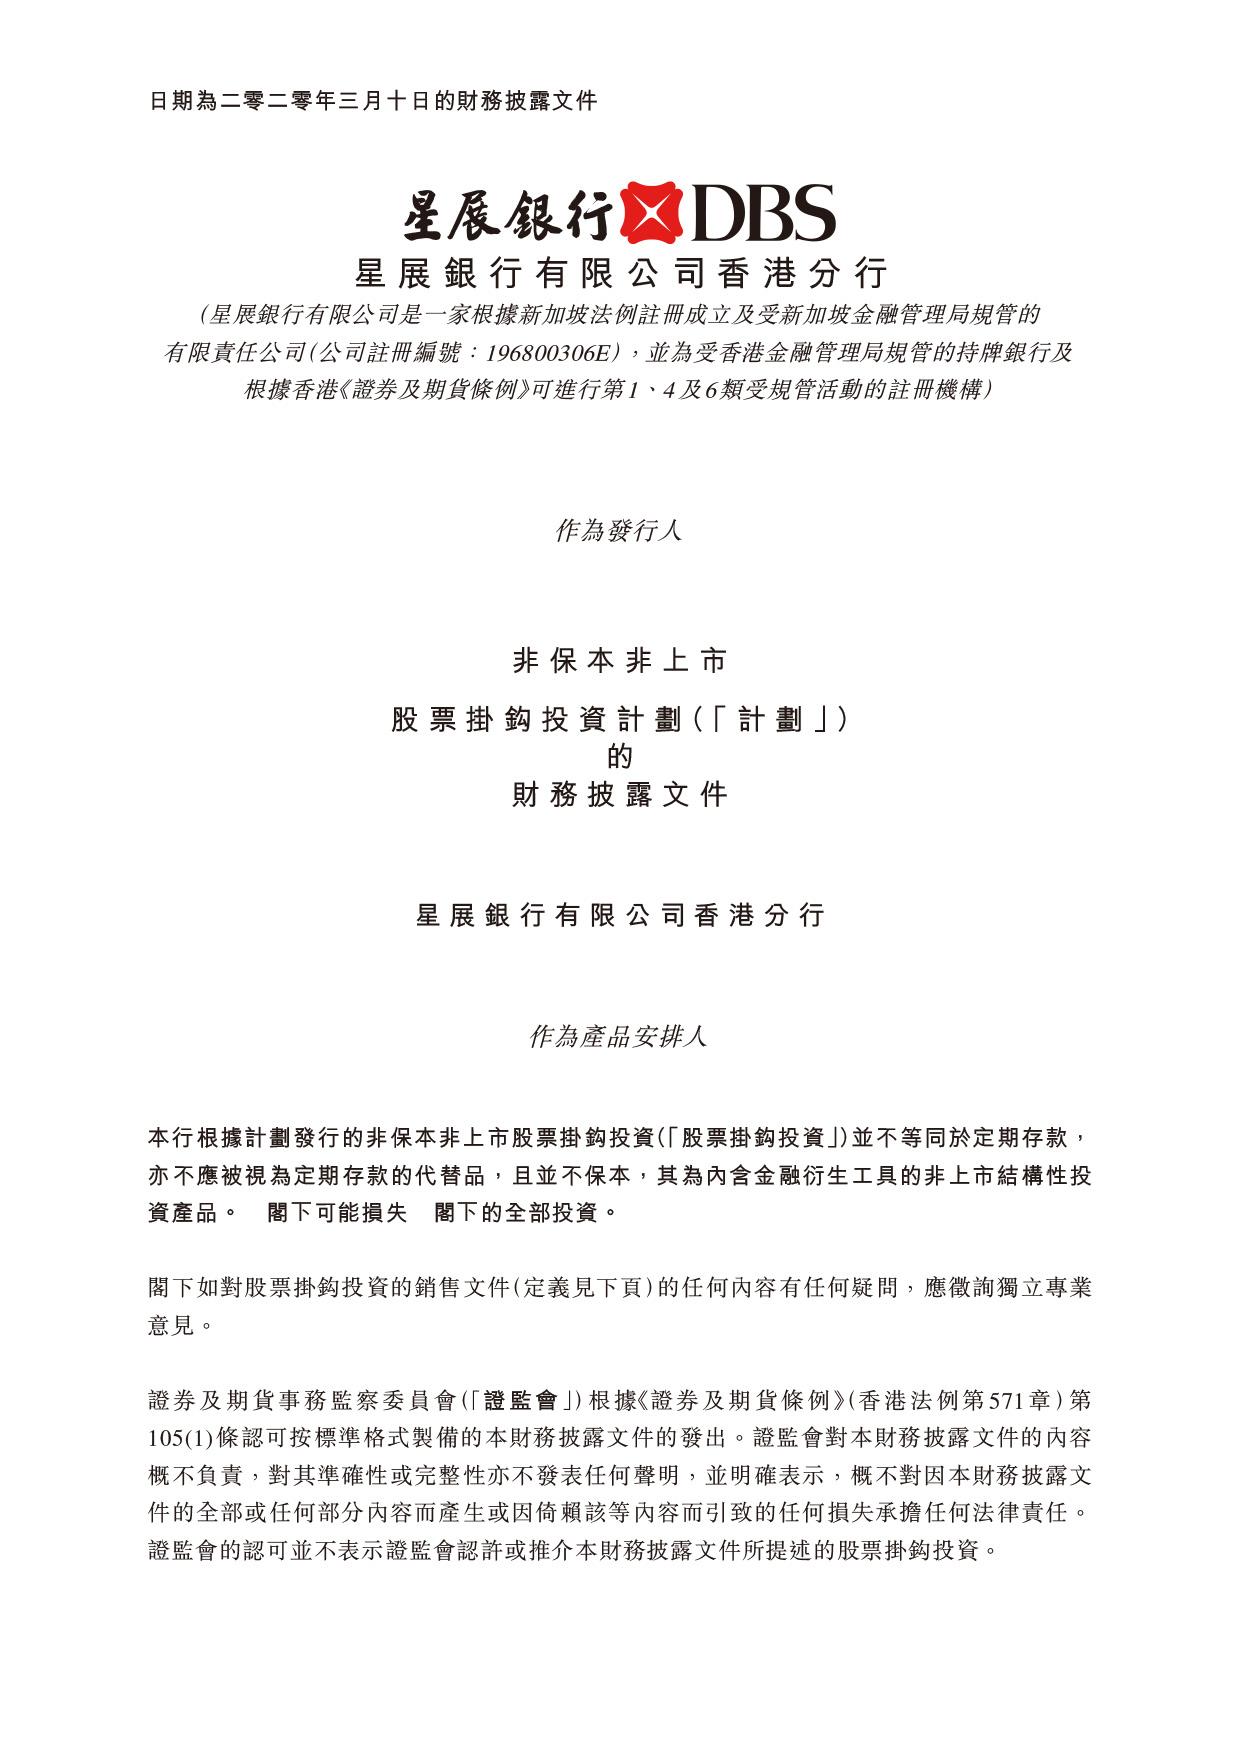 星展银行有限公司香港分行